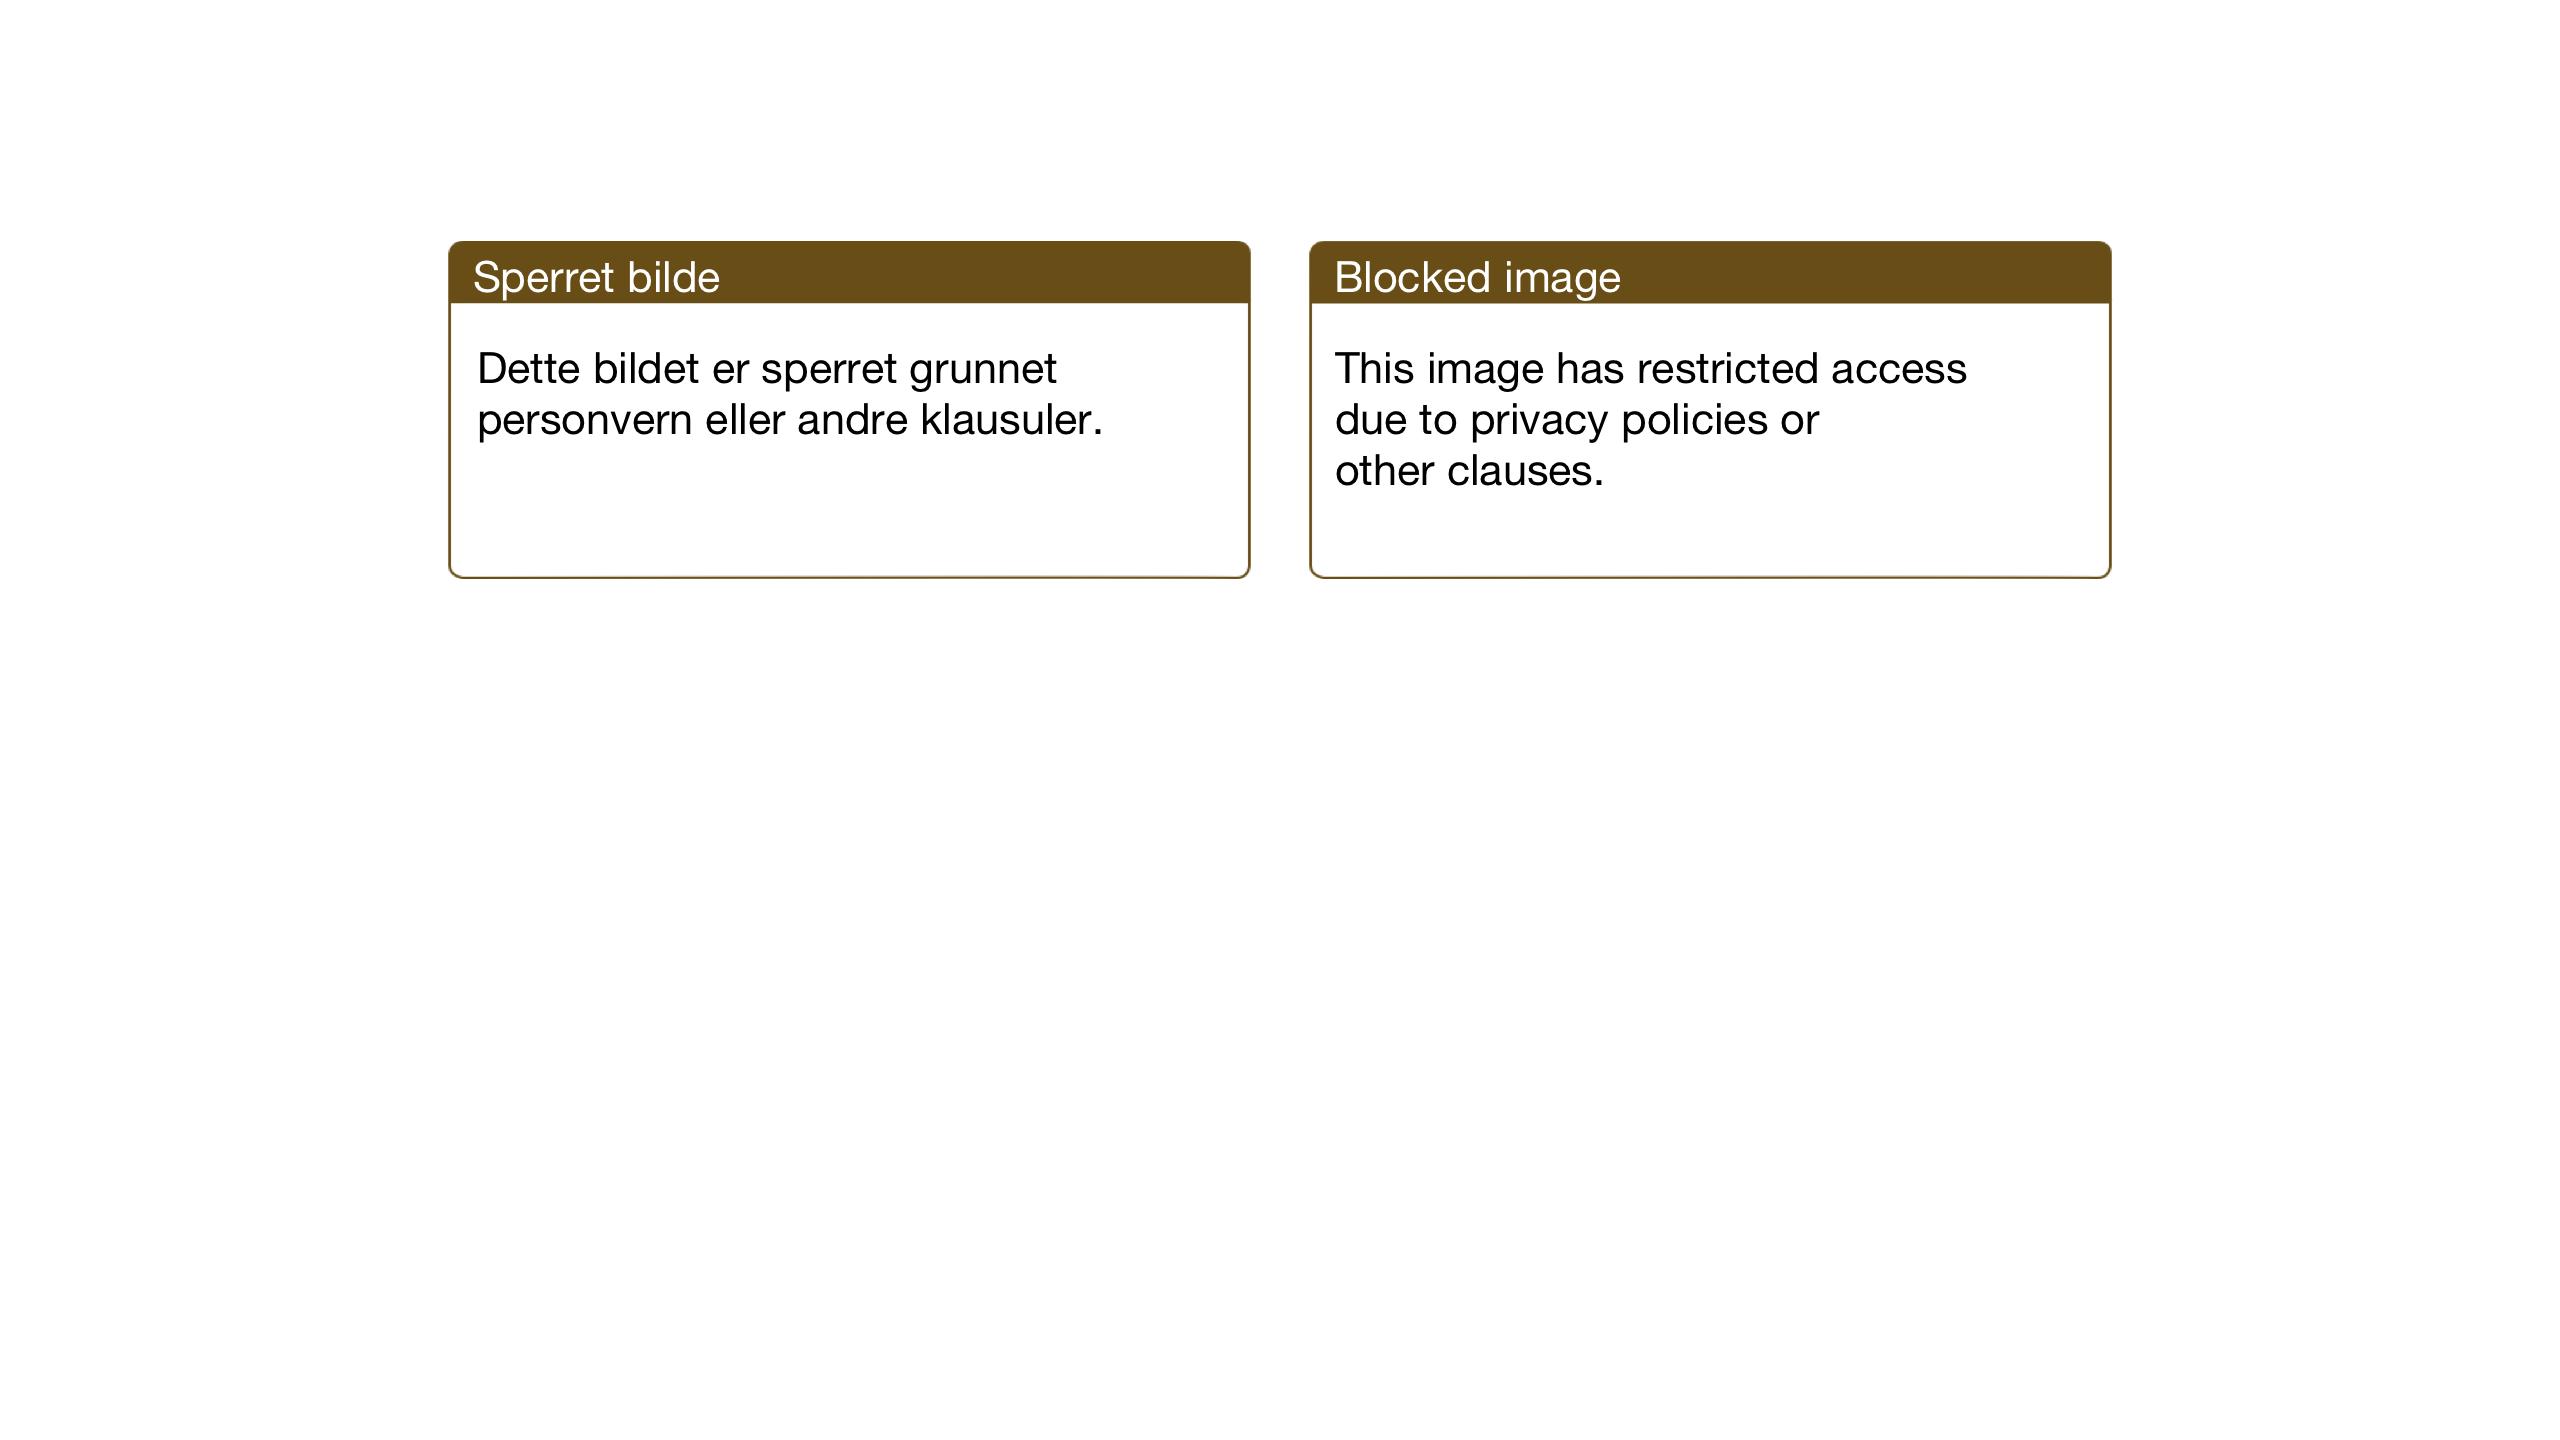 SAT, Ministerialprotokoller, klokkerbøker og fødselsregistre - Nord-Trøndelag, 770/L0592: Klokkerbok nr. 770C03, 1941-1950, s. 31